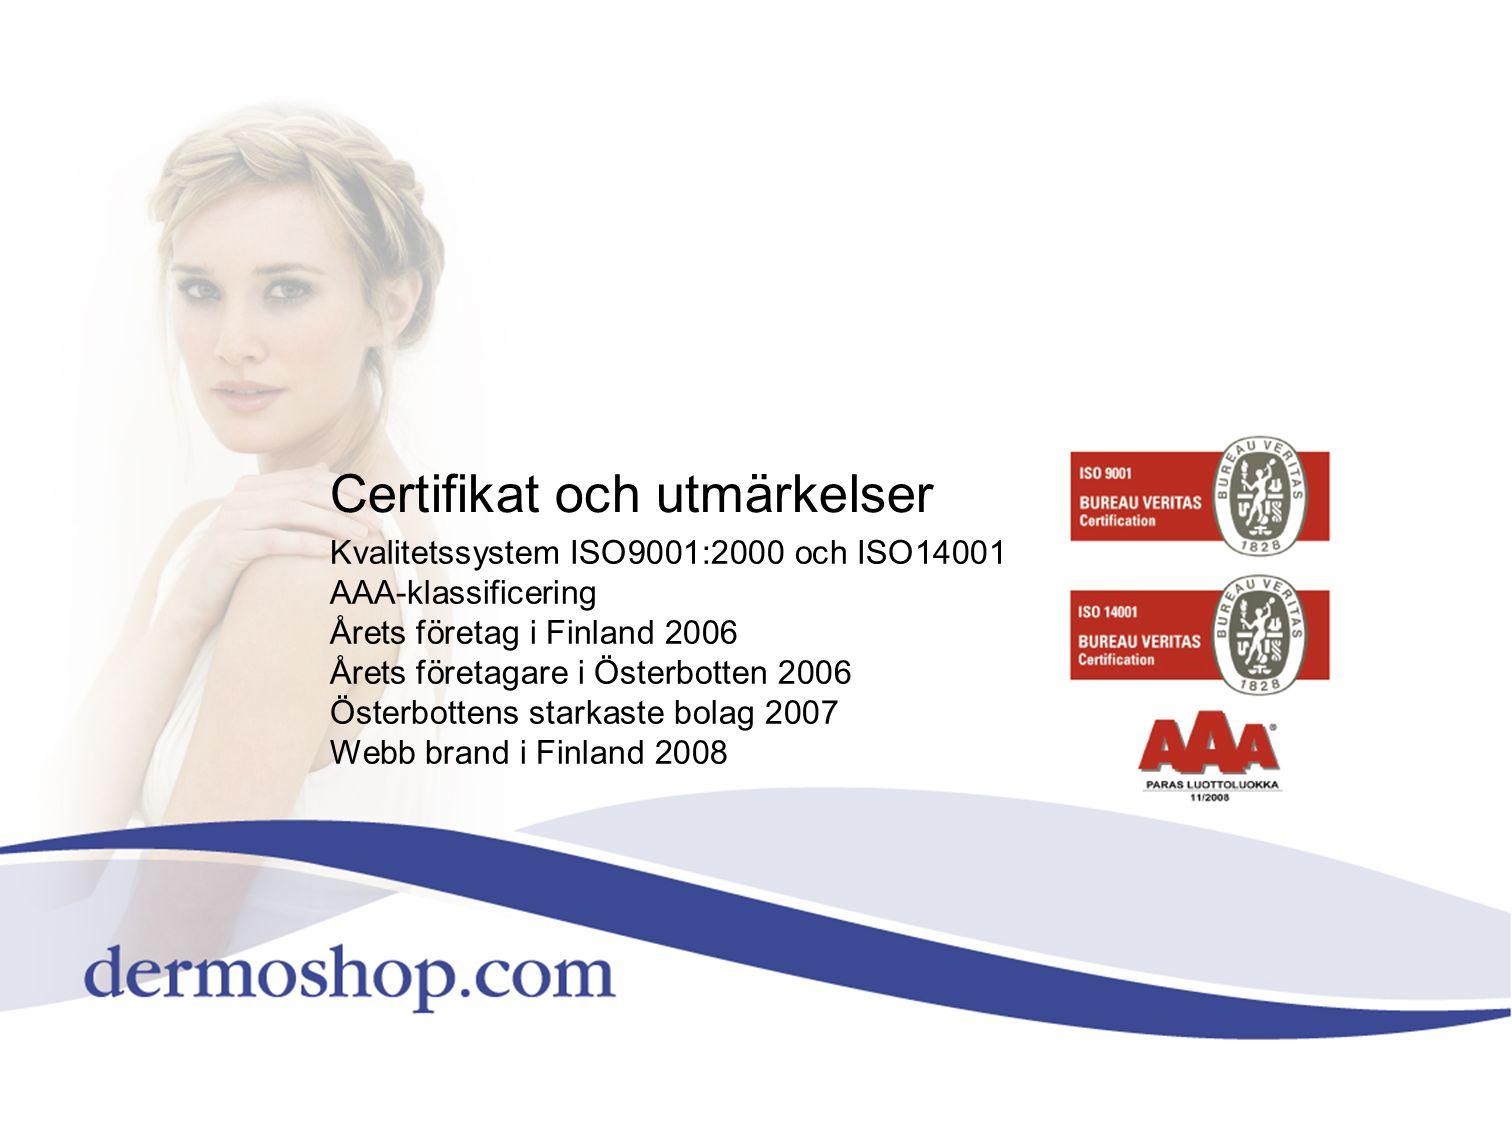 Certifikat och utmärkelser